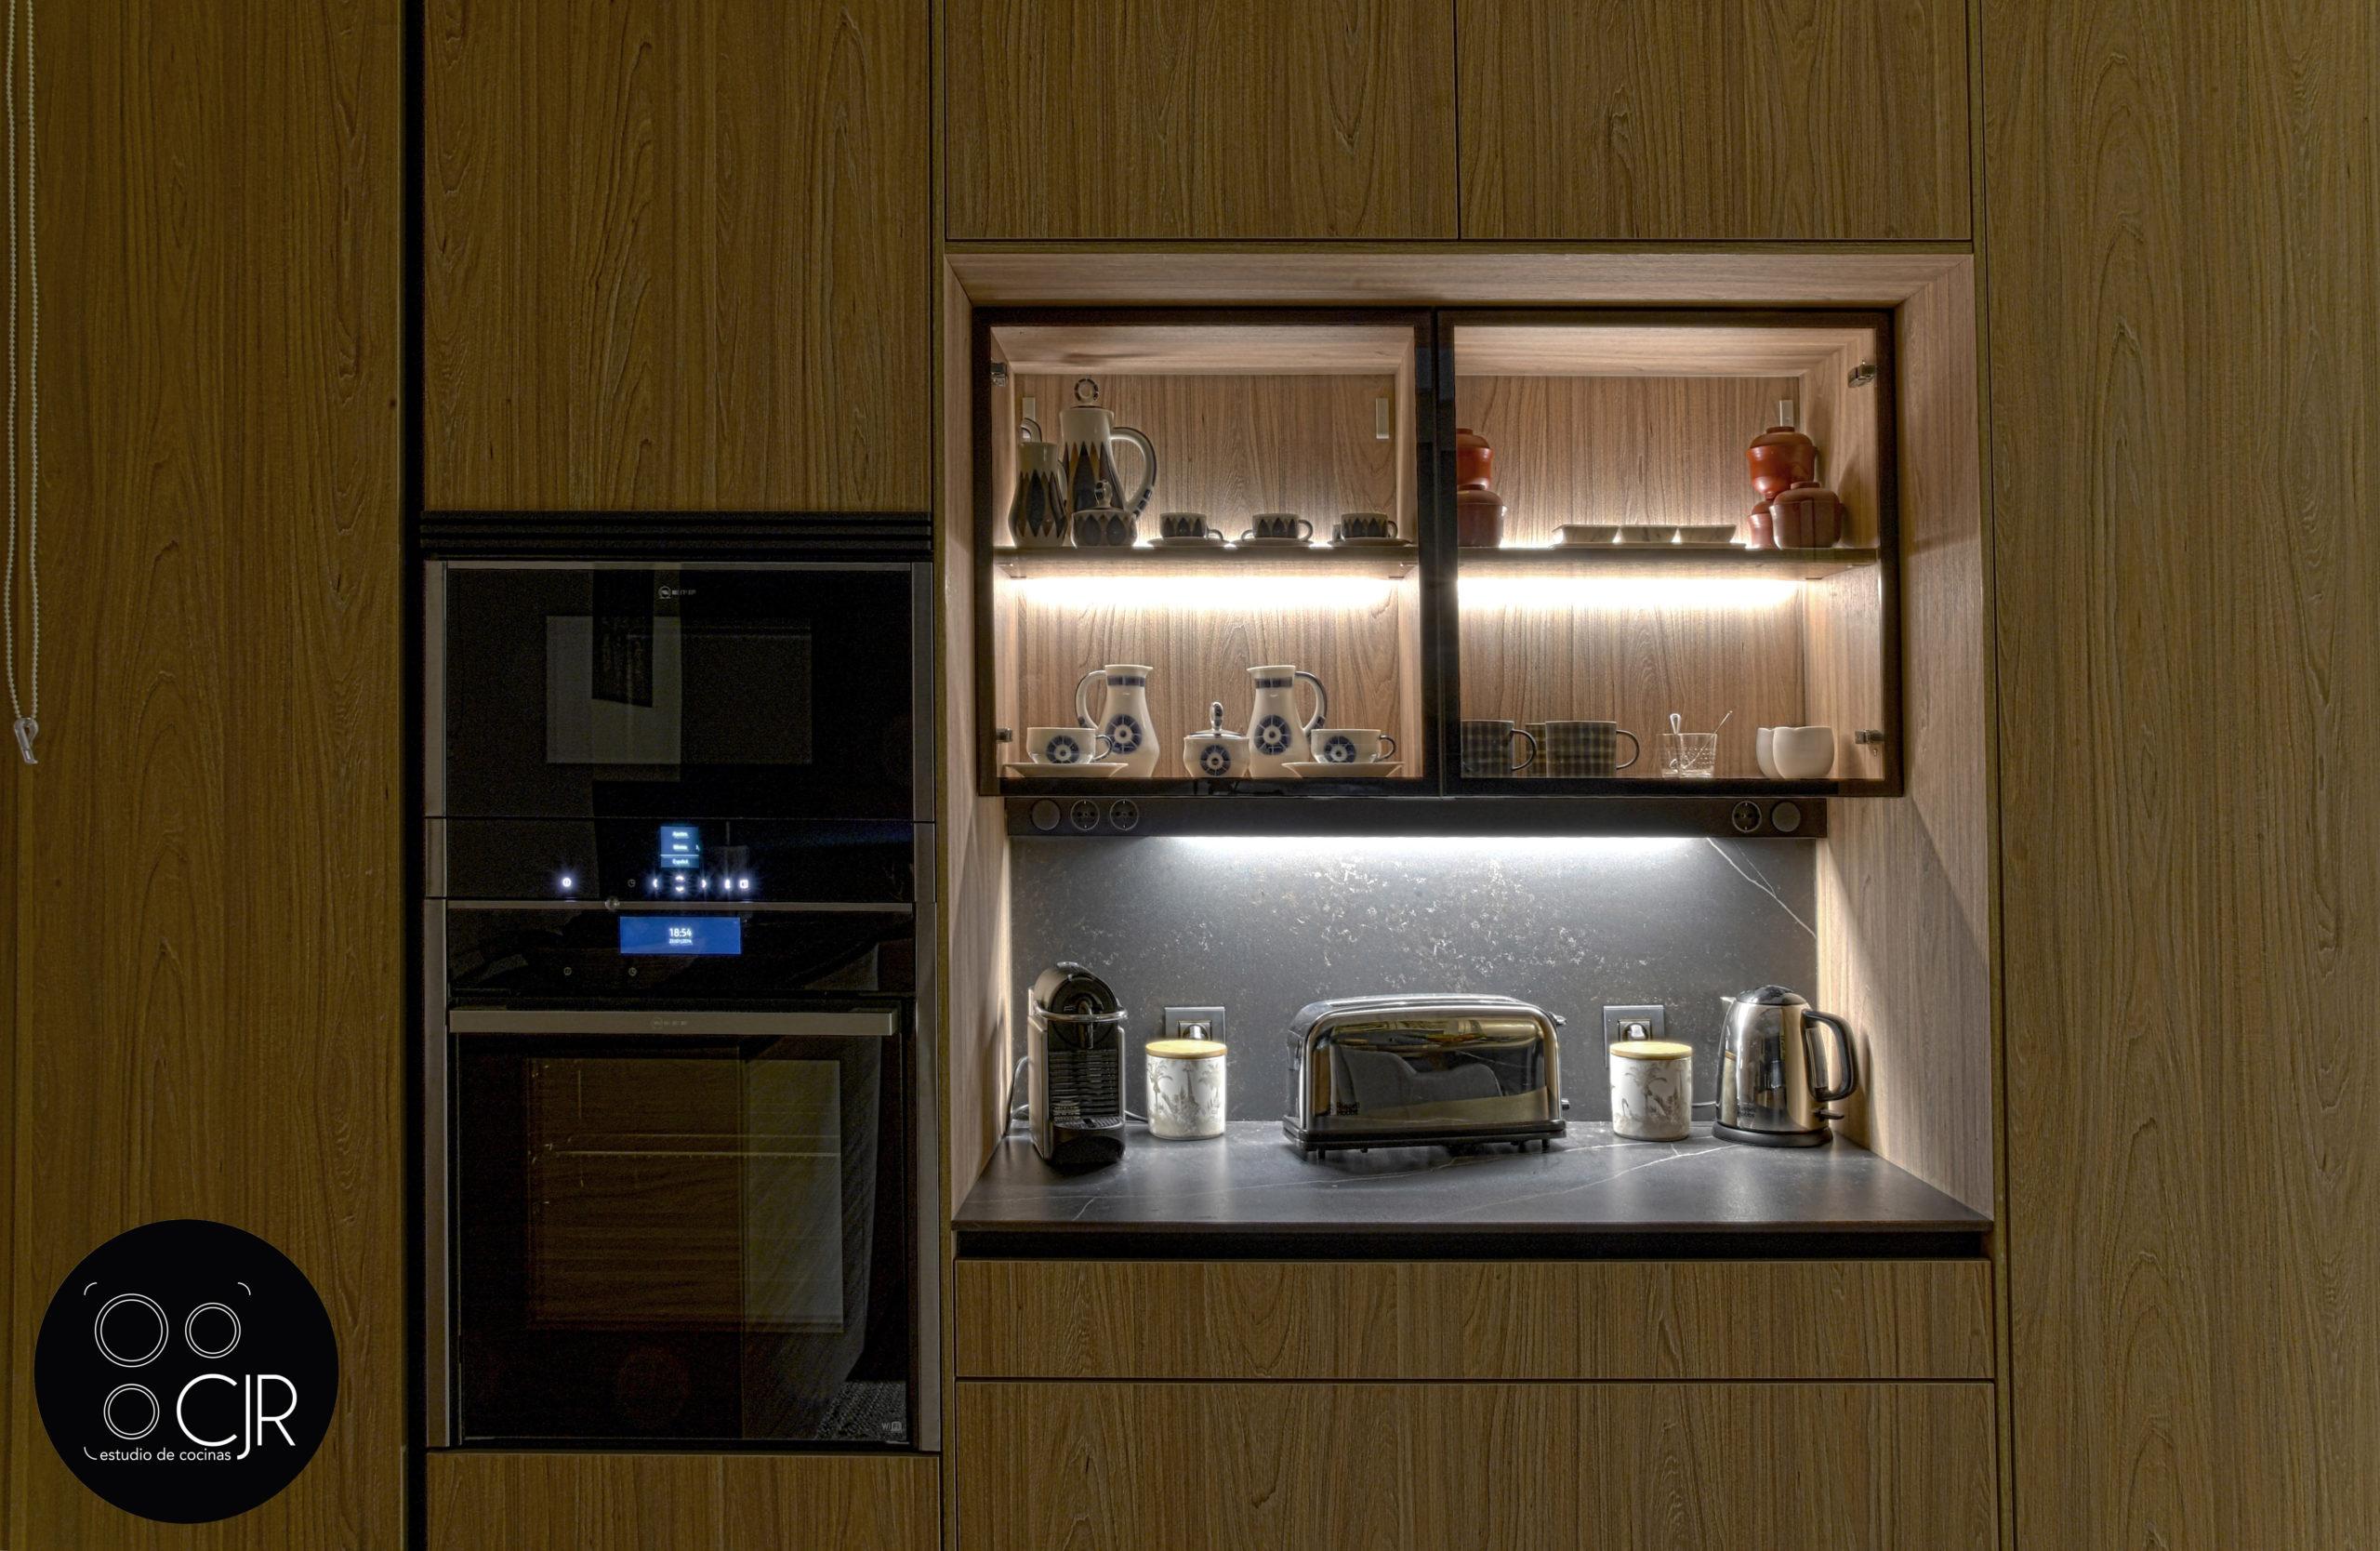 Zona de preparado con led en cocina moderna negra y madera